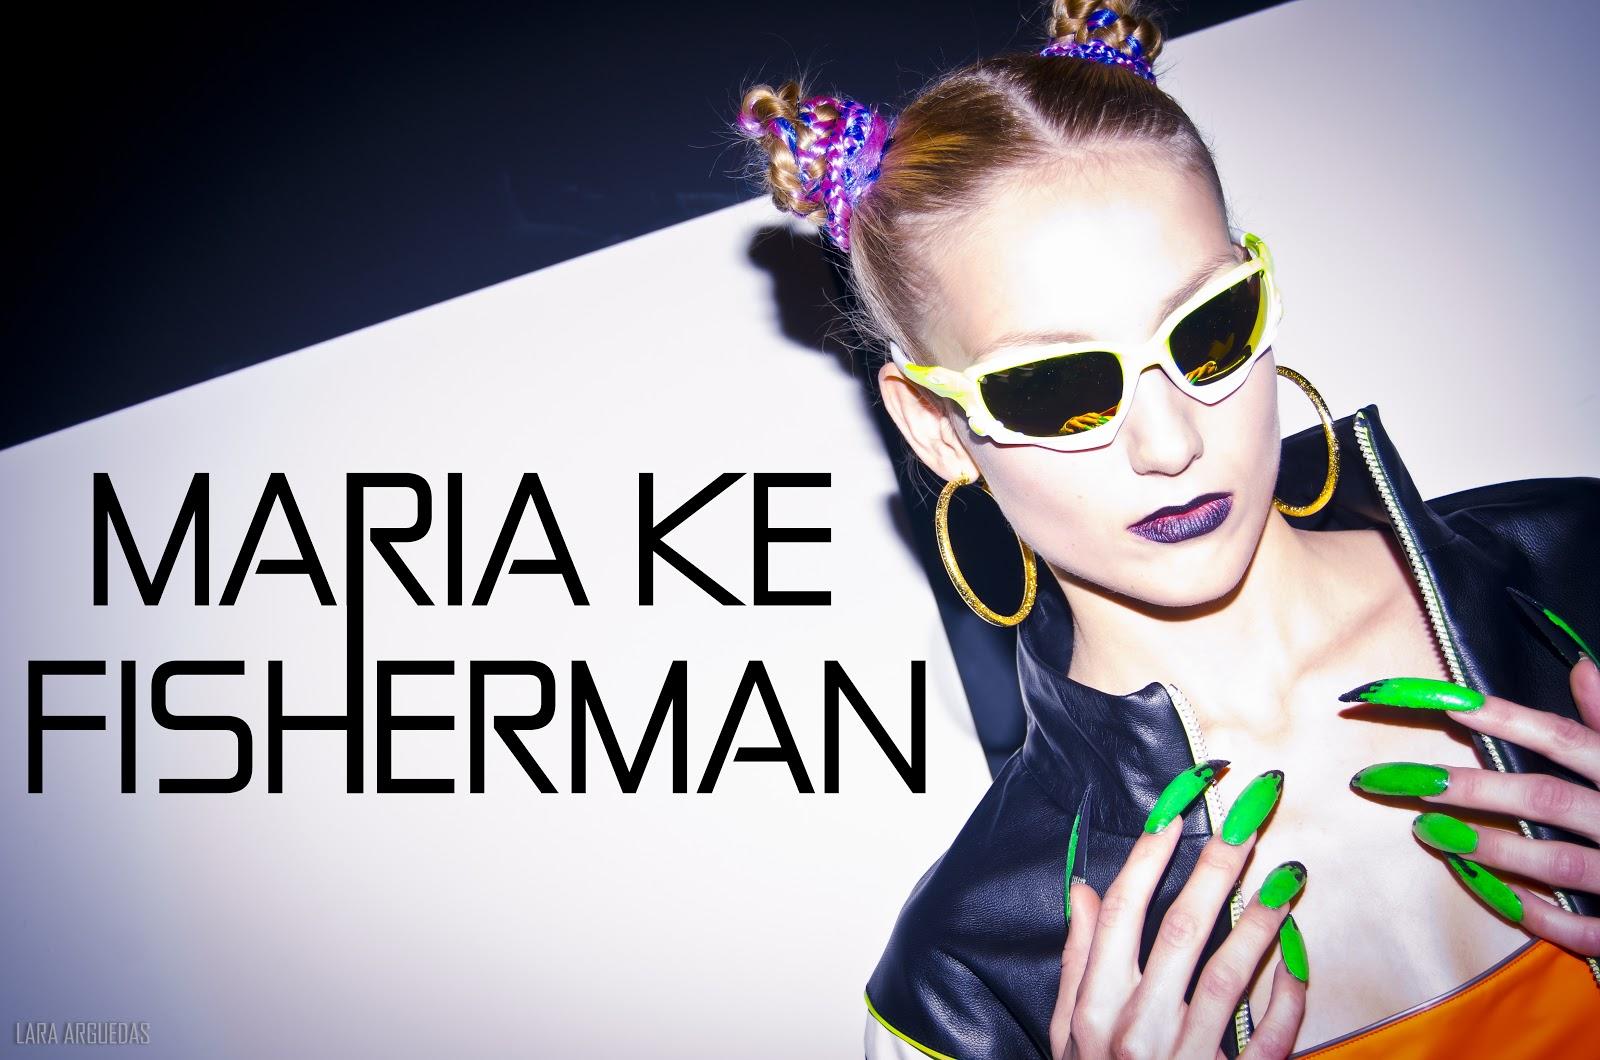 MARIA KE FISHERMAN